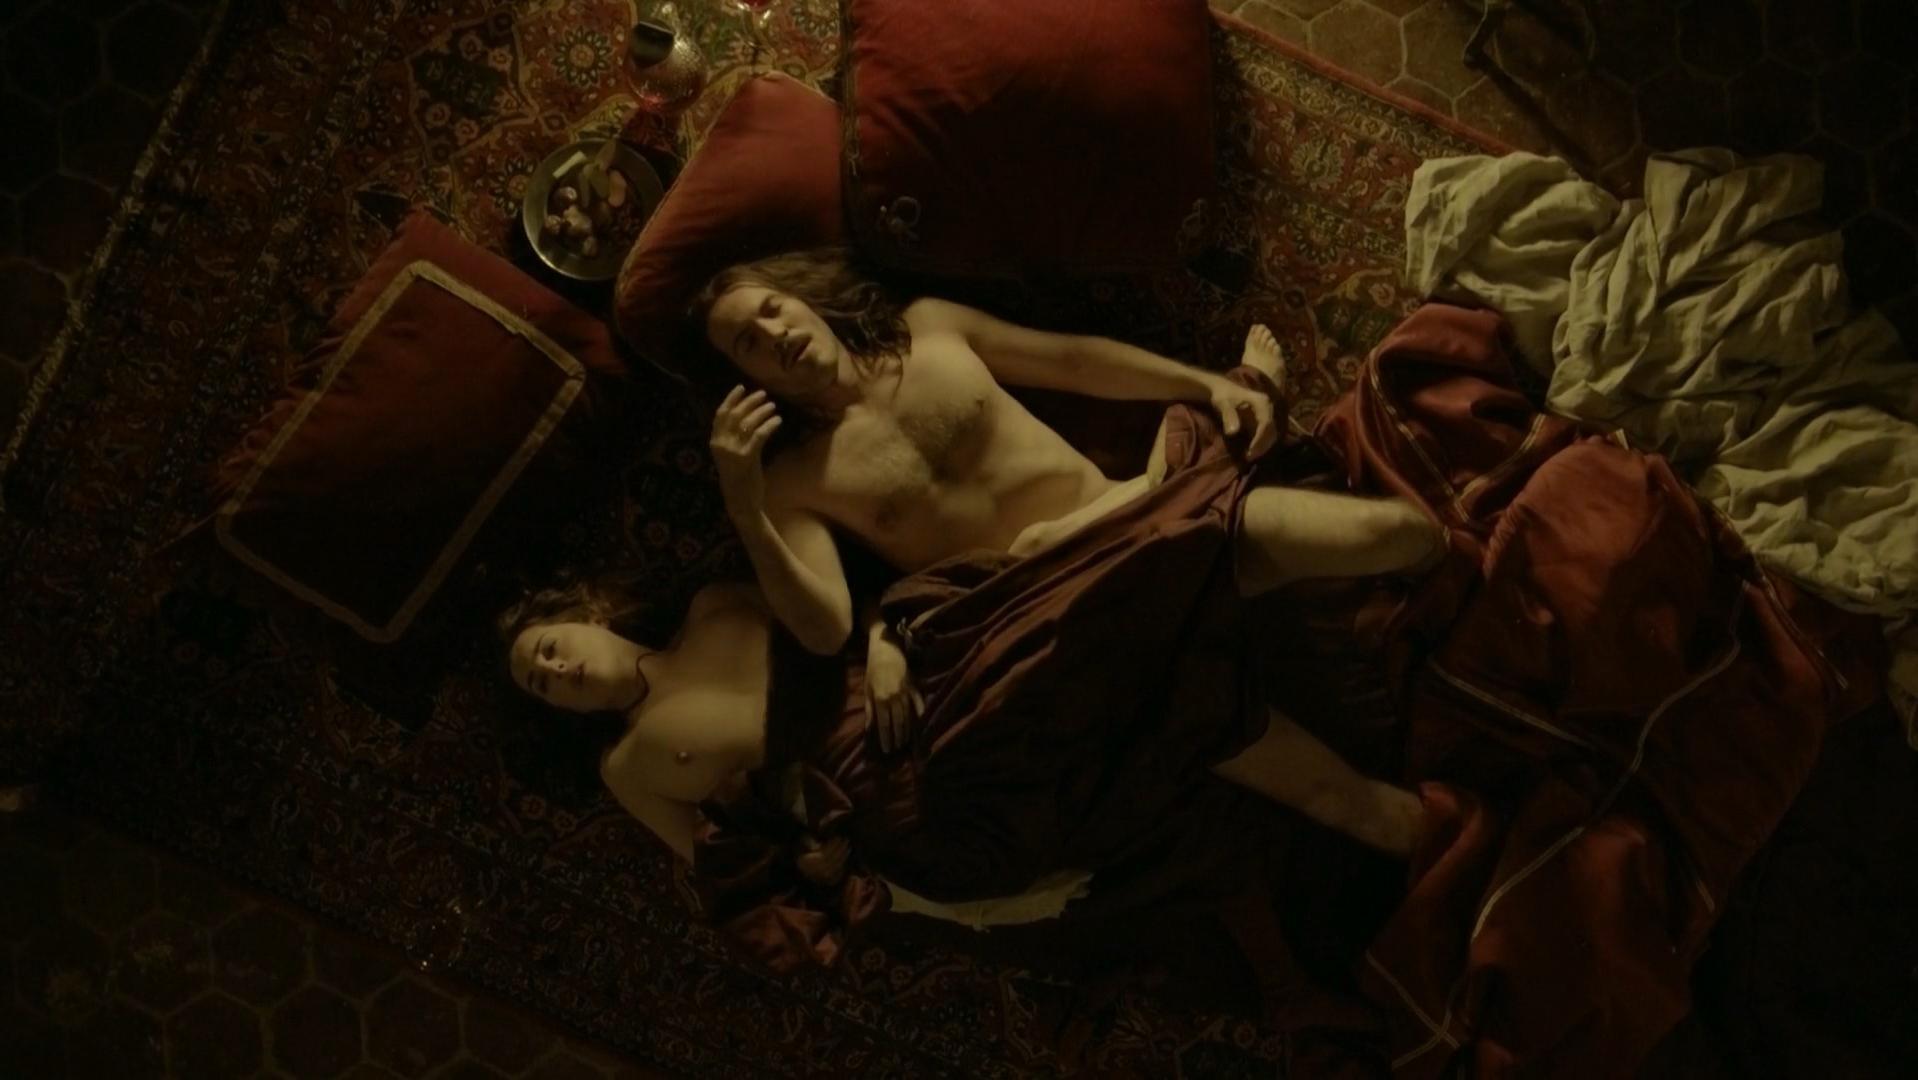 Amira Casar nude - Versailles s01e07 (2015)